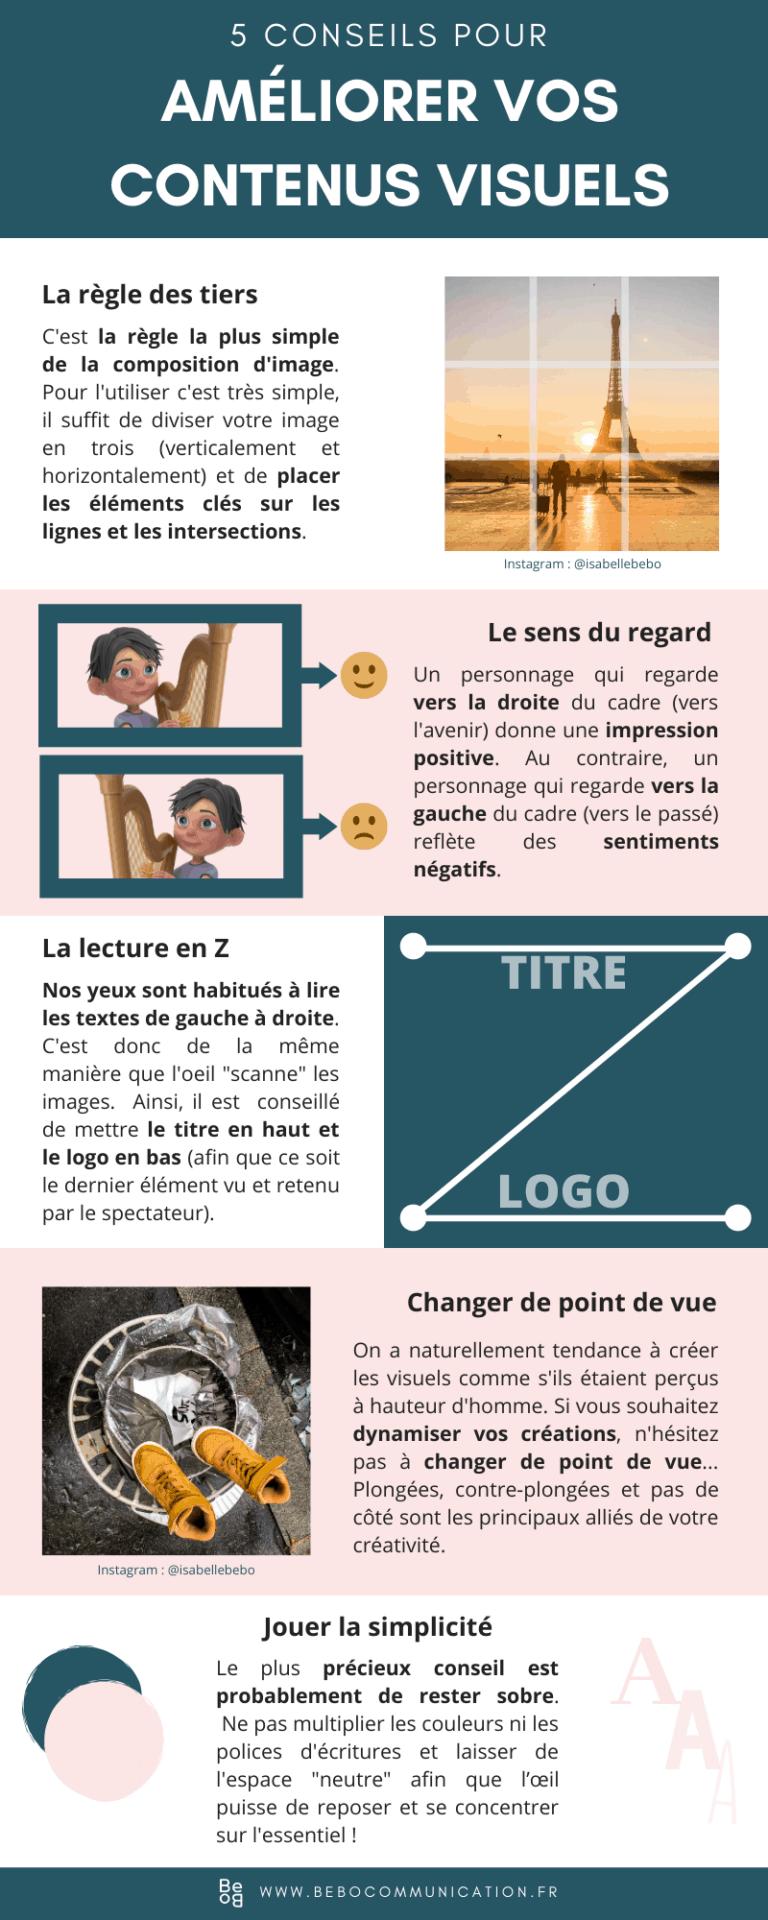 5 conseils pour améliorer vos contenus visuels